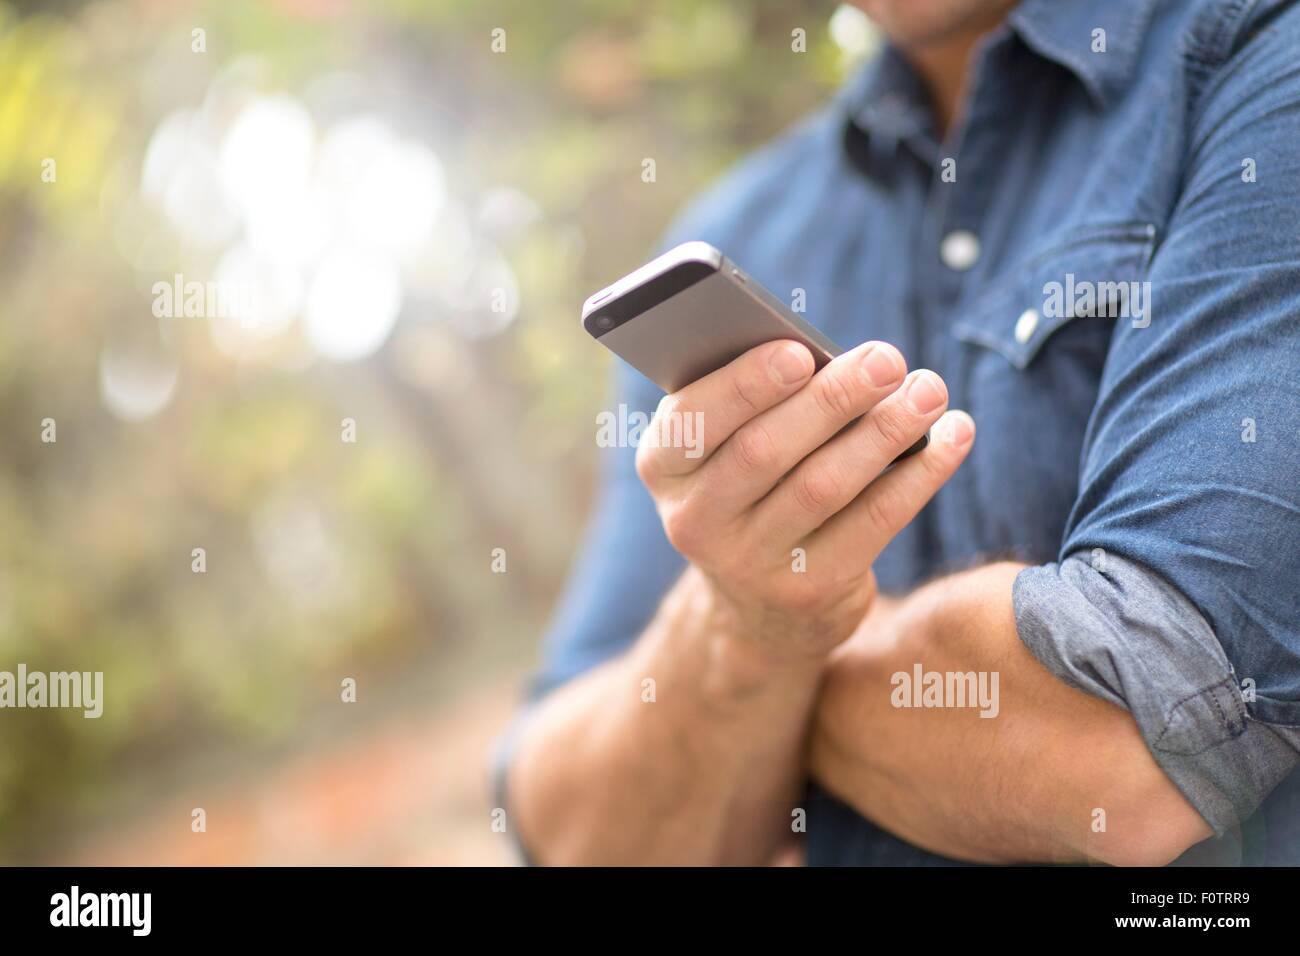 Metà uomo adulto, esterni tramite telefono cellulare, metà sezione Immagini Stock